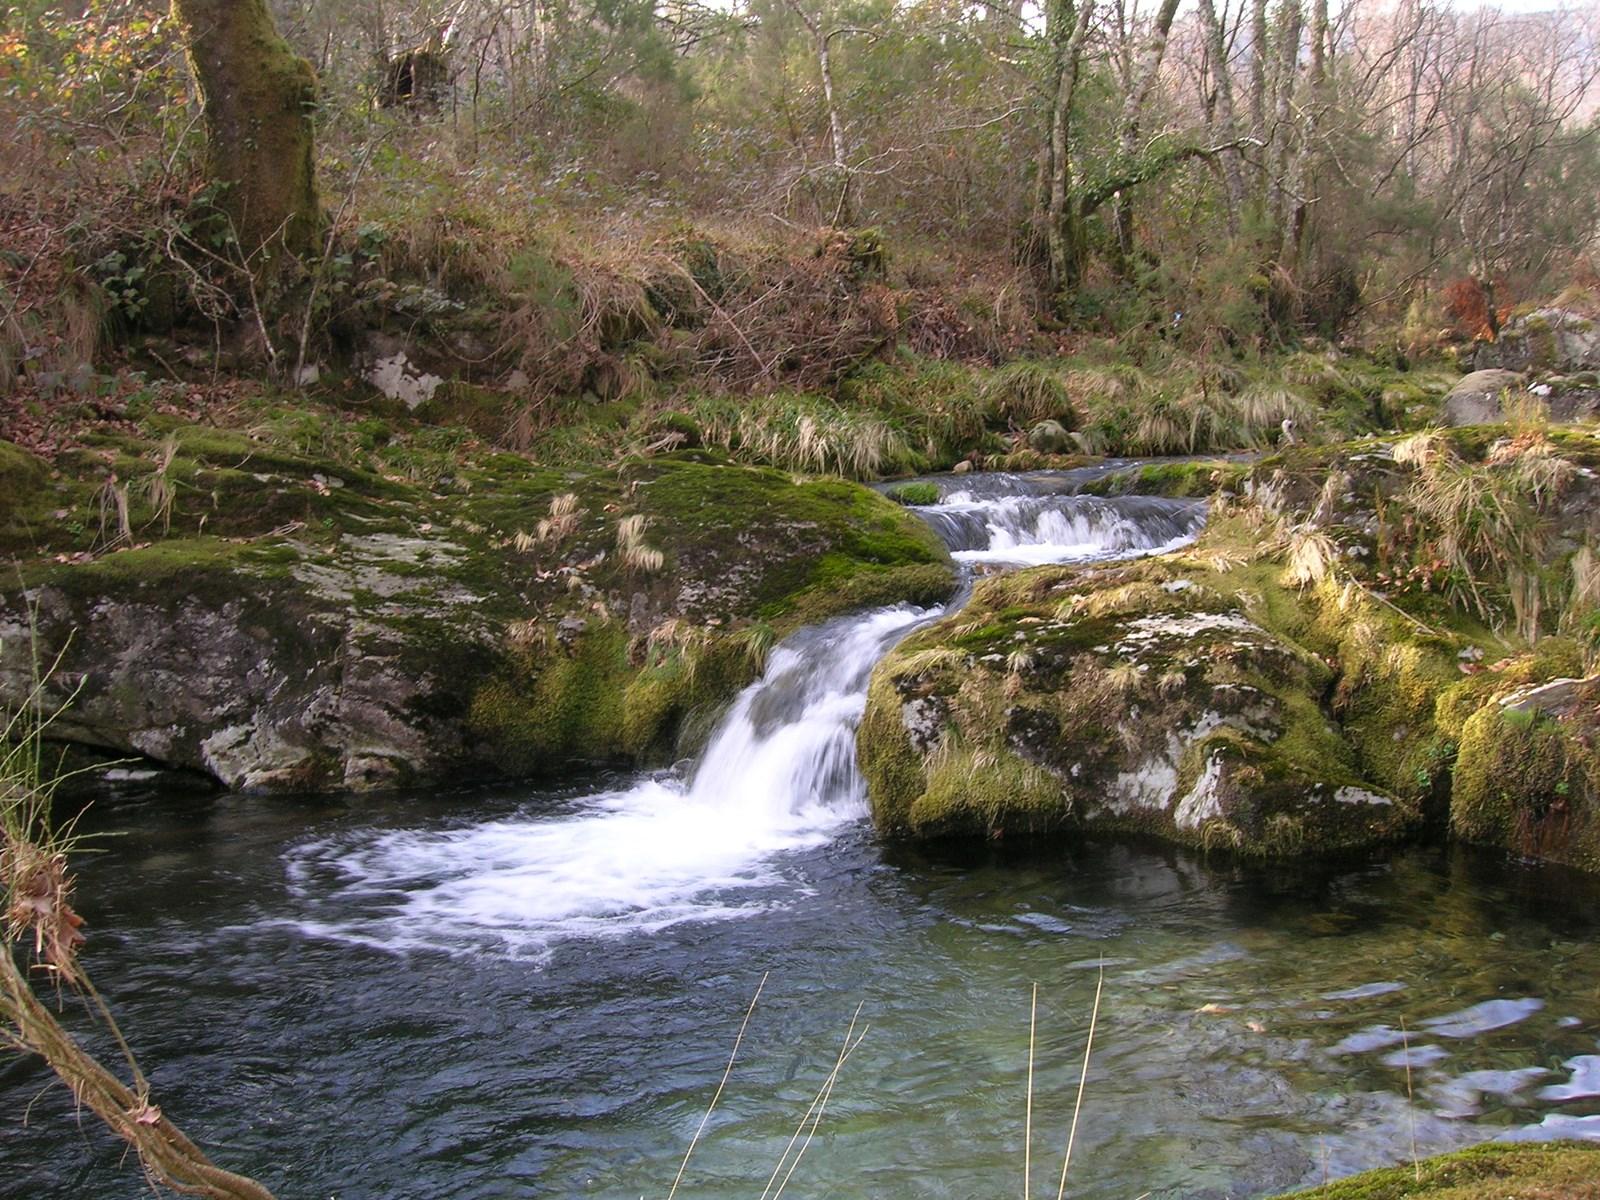 8. El bosque húmedo gallego. Autor, FreeCat